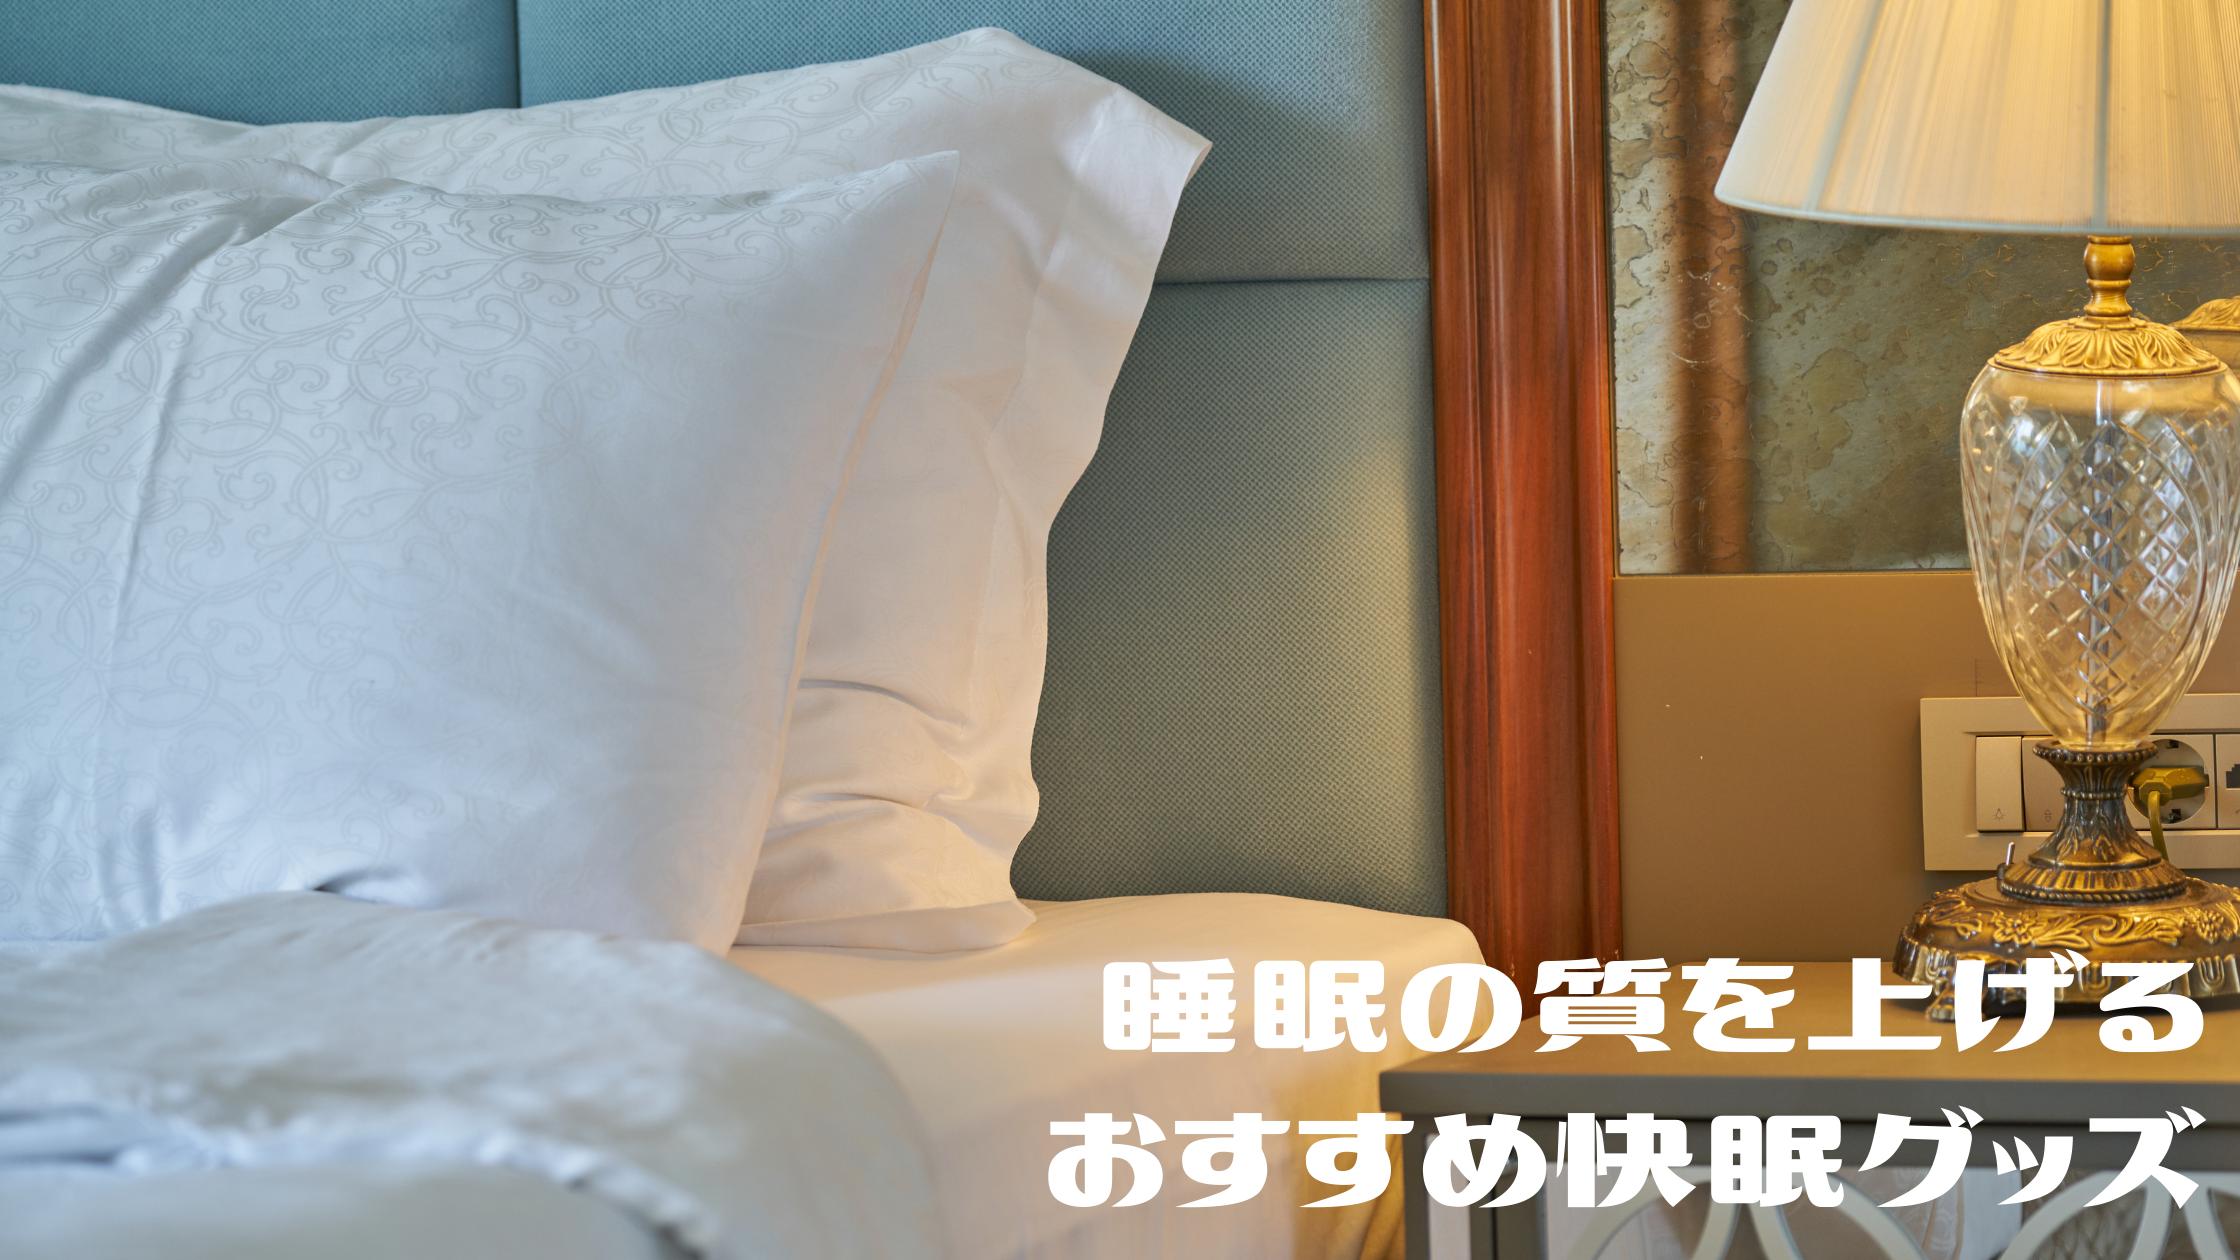 【めざましテレビ】 睡眠の質を上げる快眠グッズ『ヒツジのいらない枕』『抱かれ枕』『快眠エクスプレス』